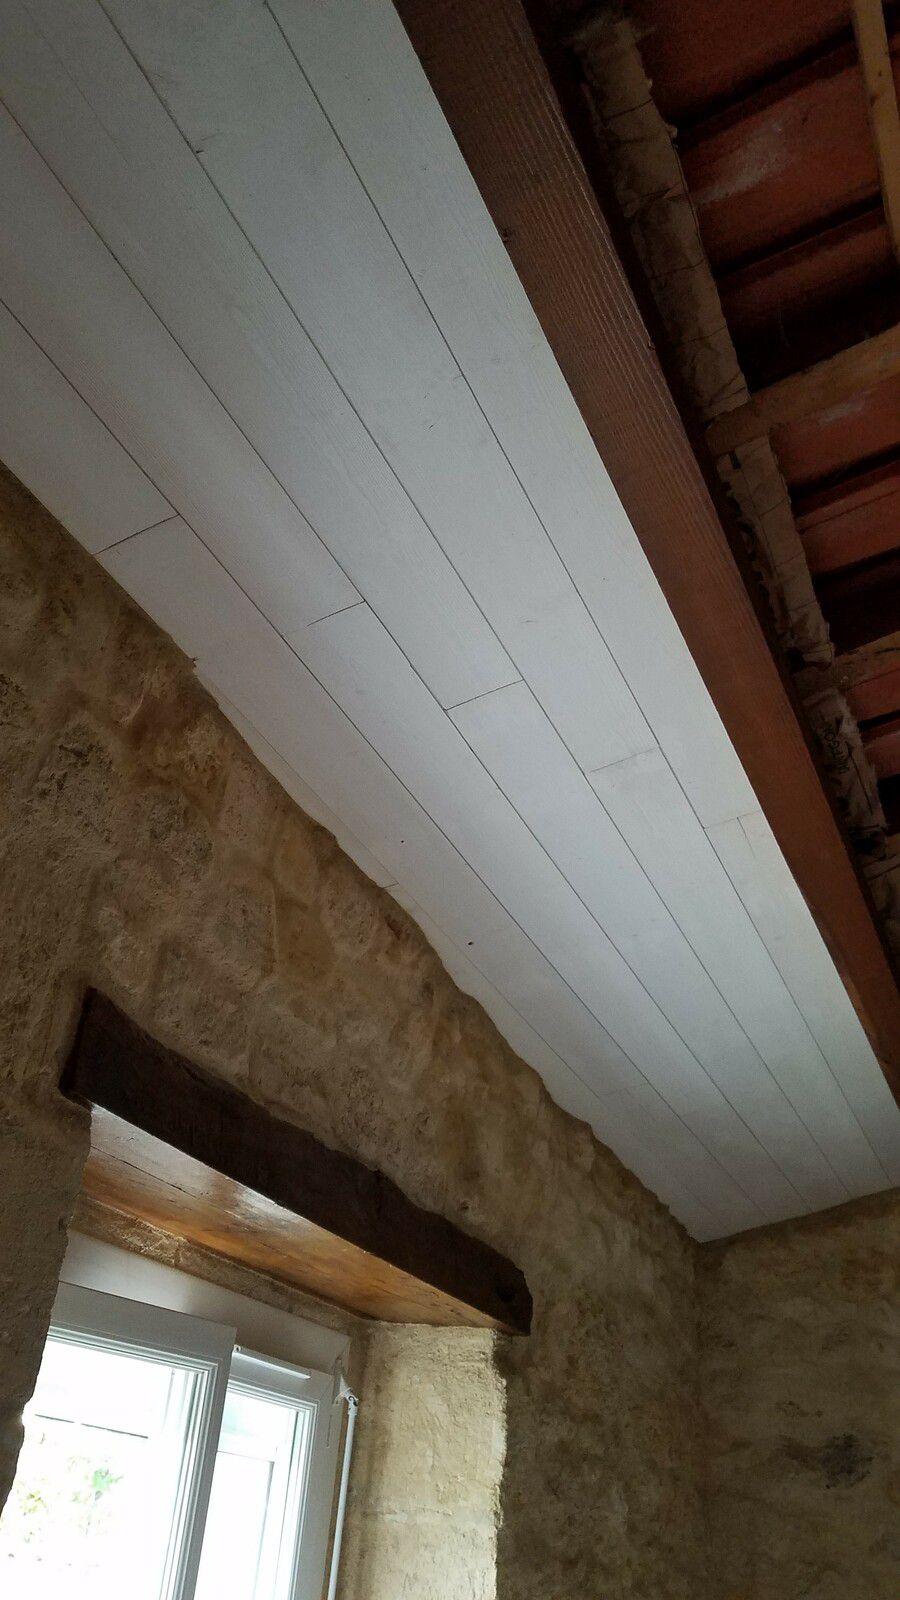 1 ère partie du plafond terminée, il me faut rejouer de la chaud pour combler mes trous